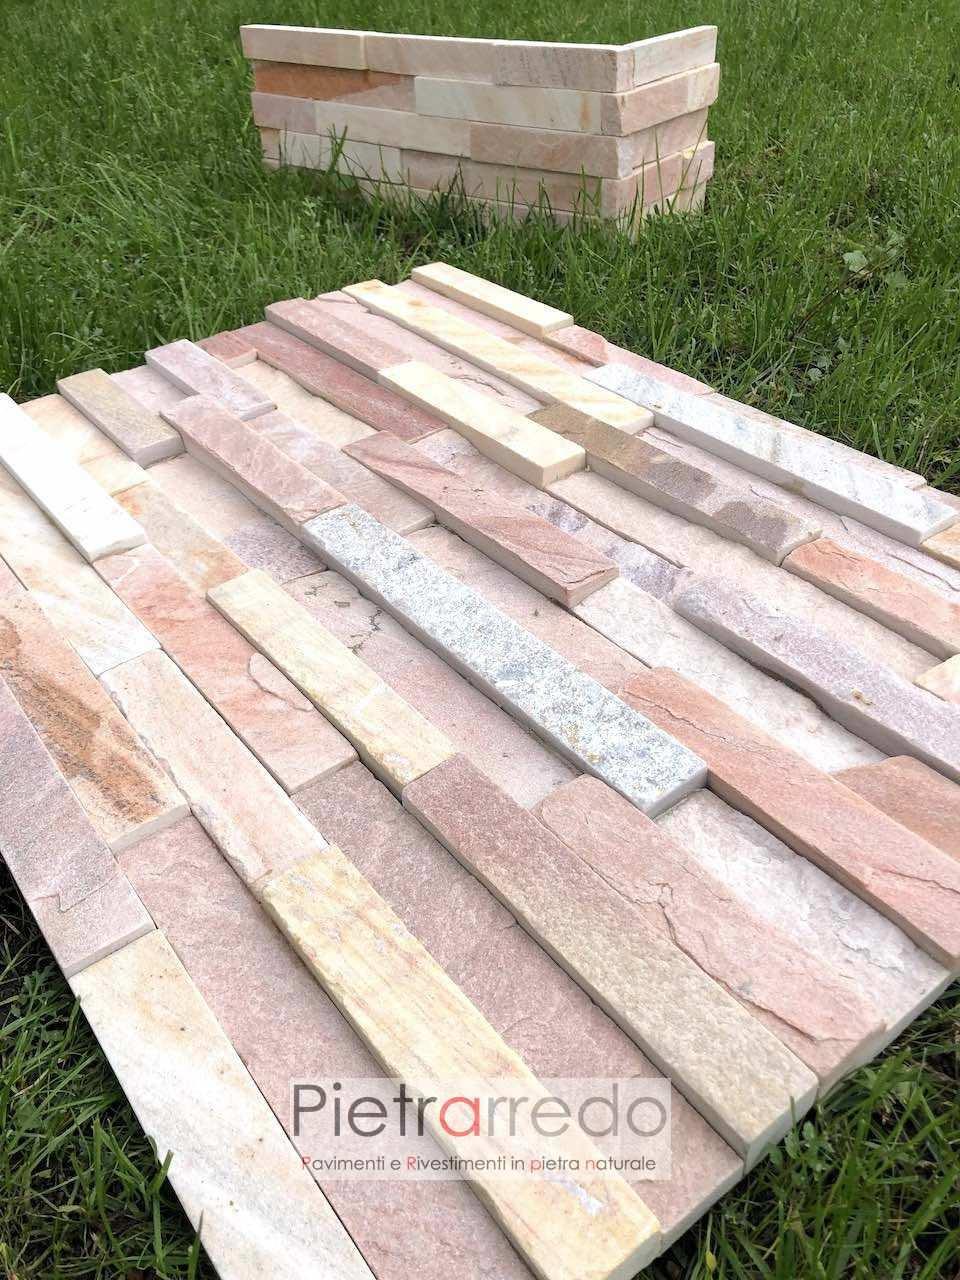 costo offerta cave gontero muretti rosa quarzite brasiliana cg013 listelli per rivestimento muri e facciate pietrarredo